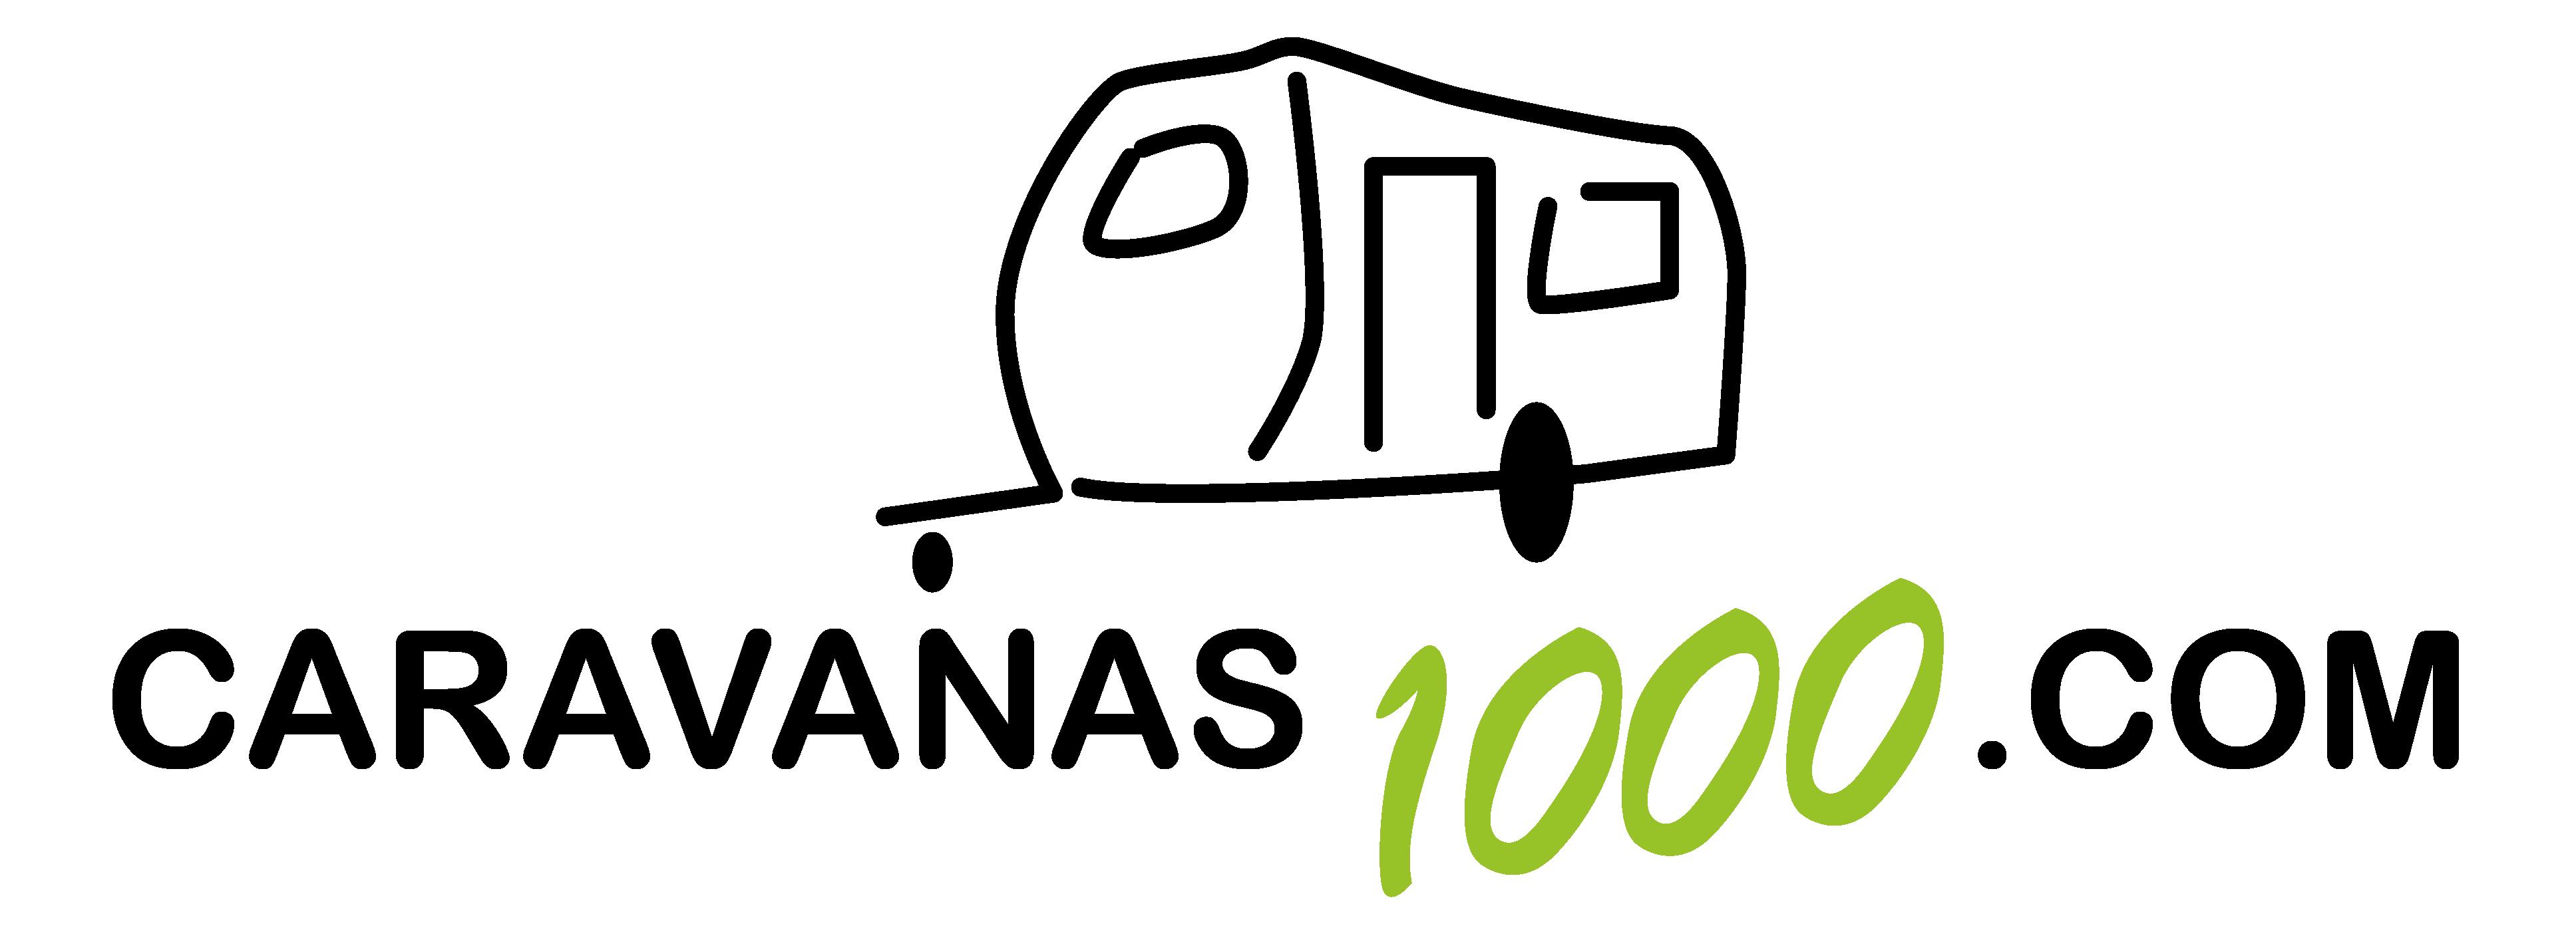 Productos Archivo Caravanas 1000 Caravanas Archivadores El Trato